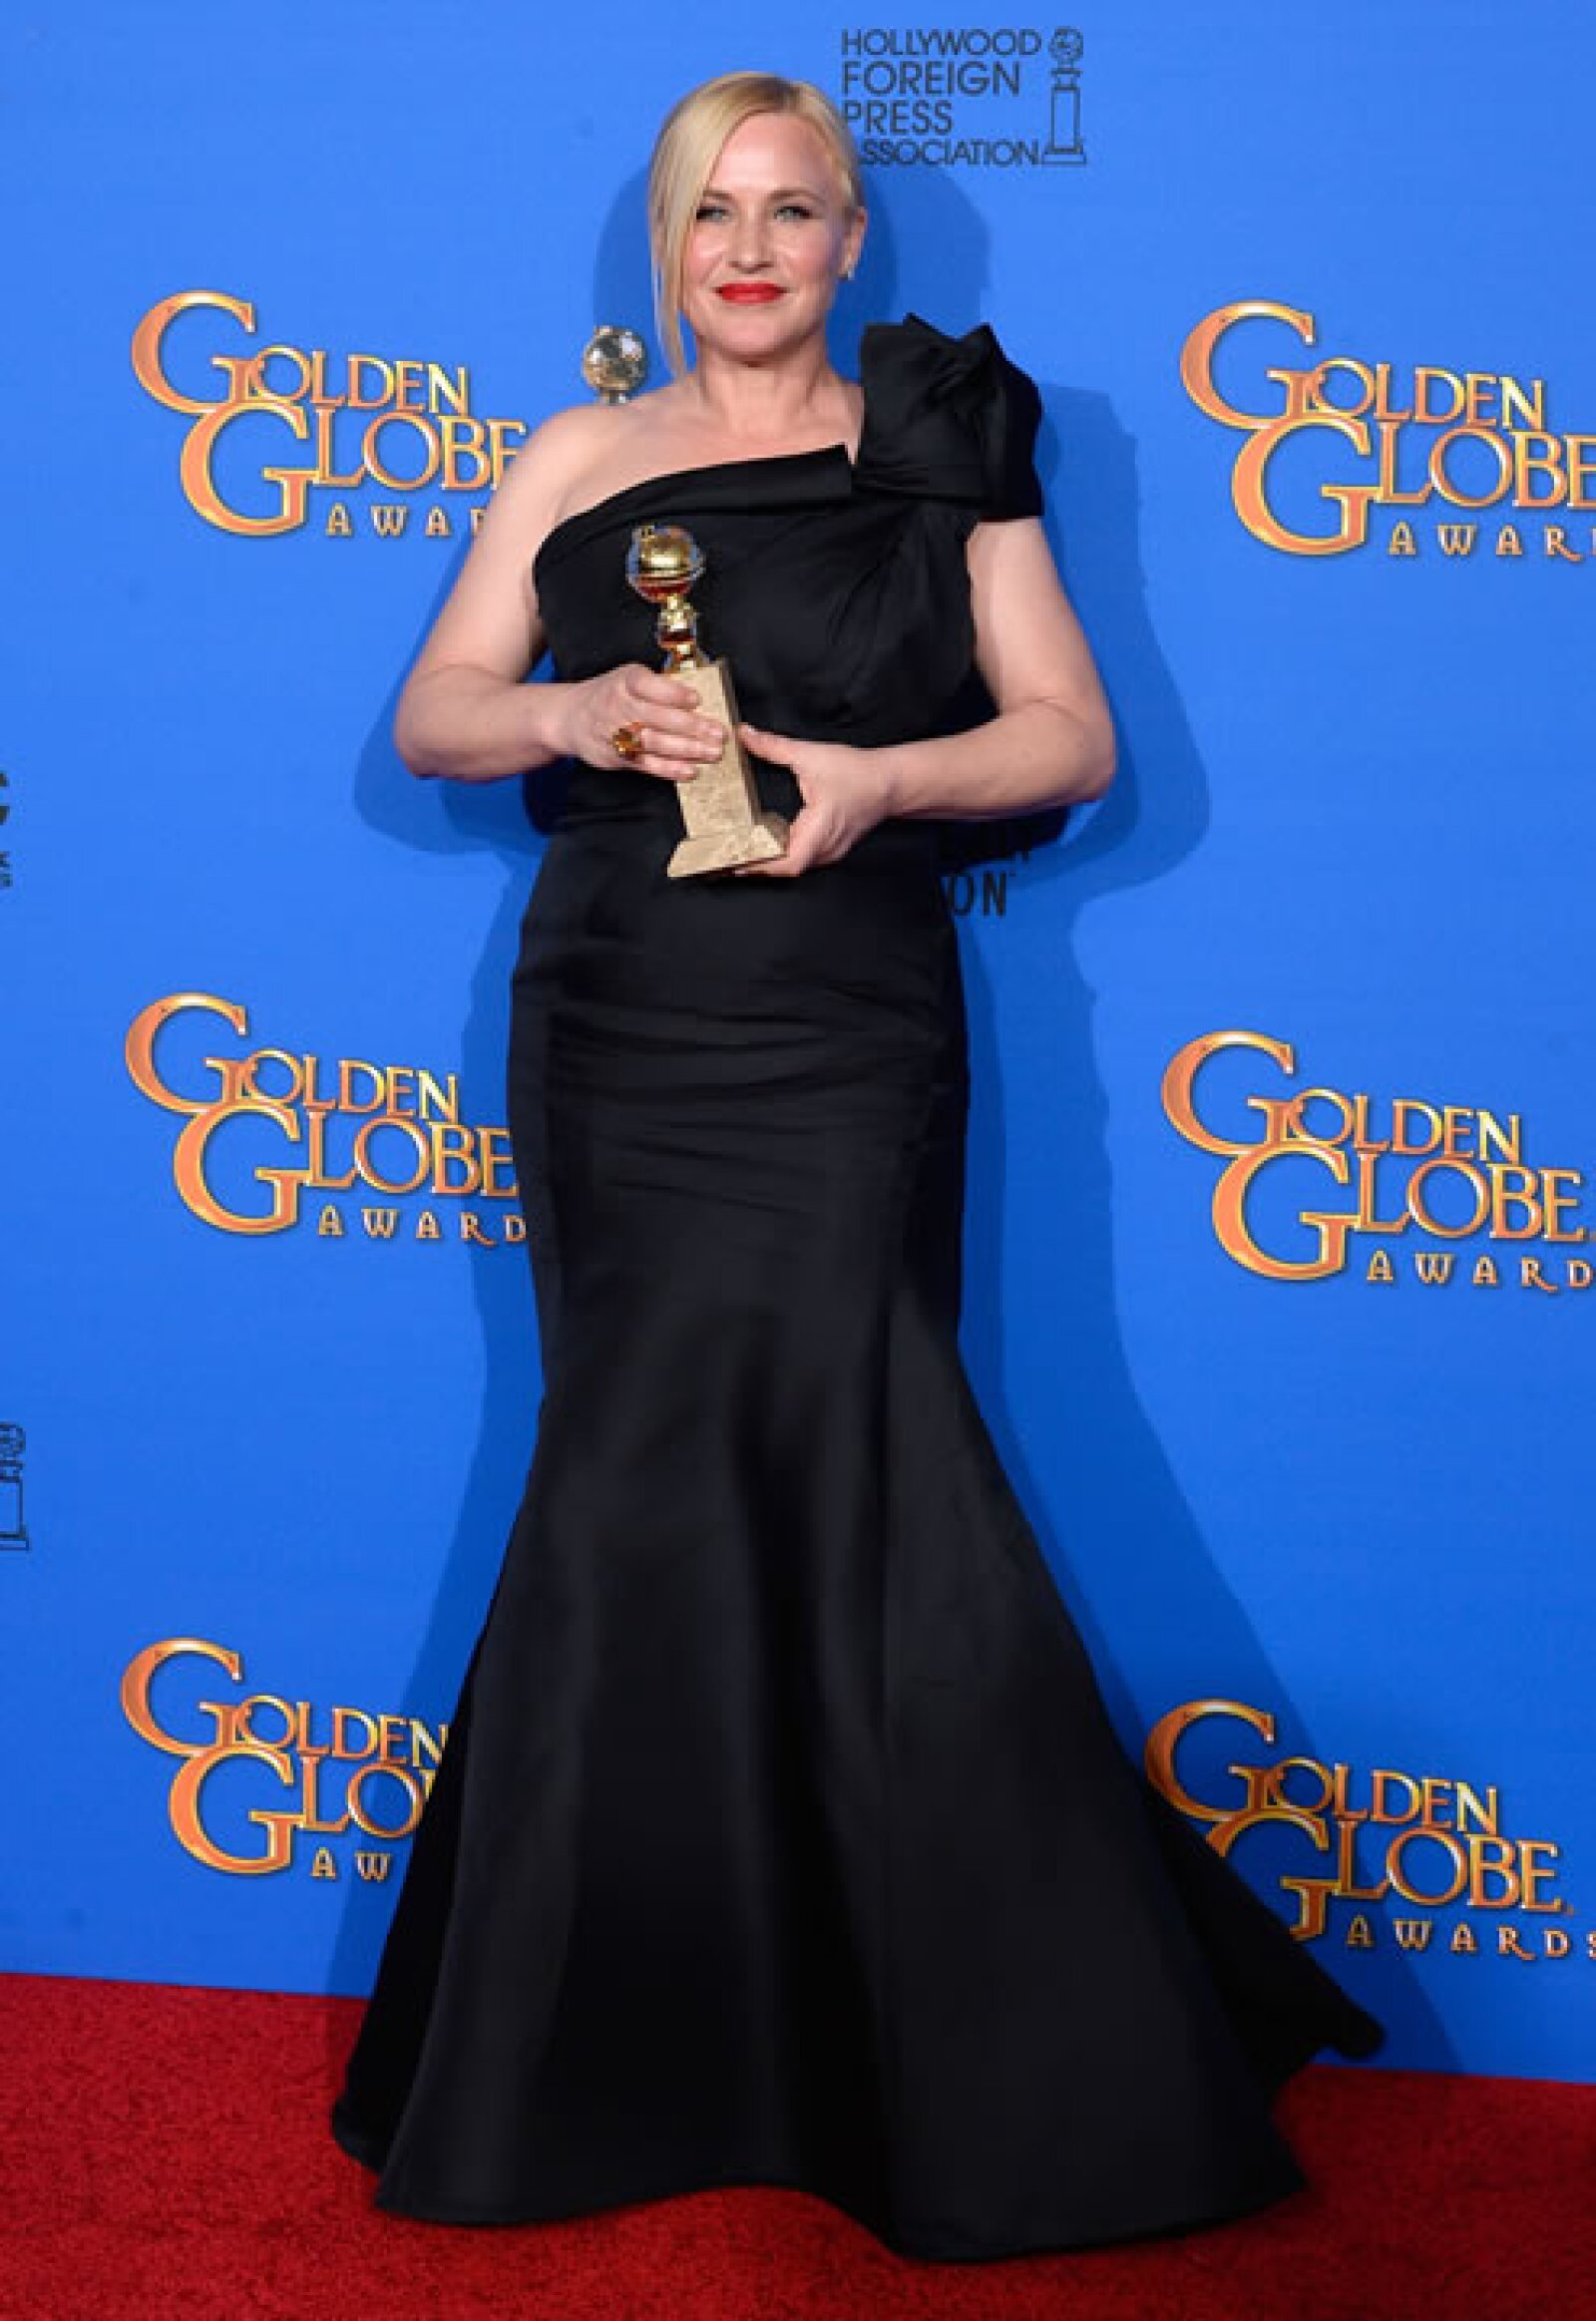 En la categoría Mejor actriz de reparto en una película drama ganó Patricia Arquette por Boyhood.